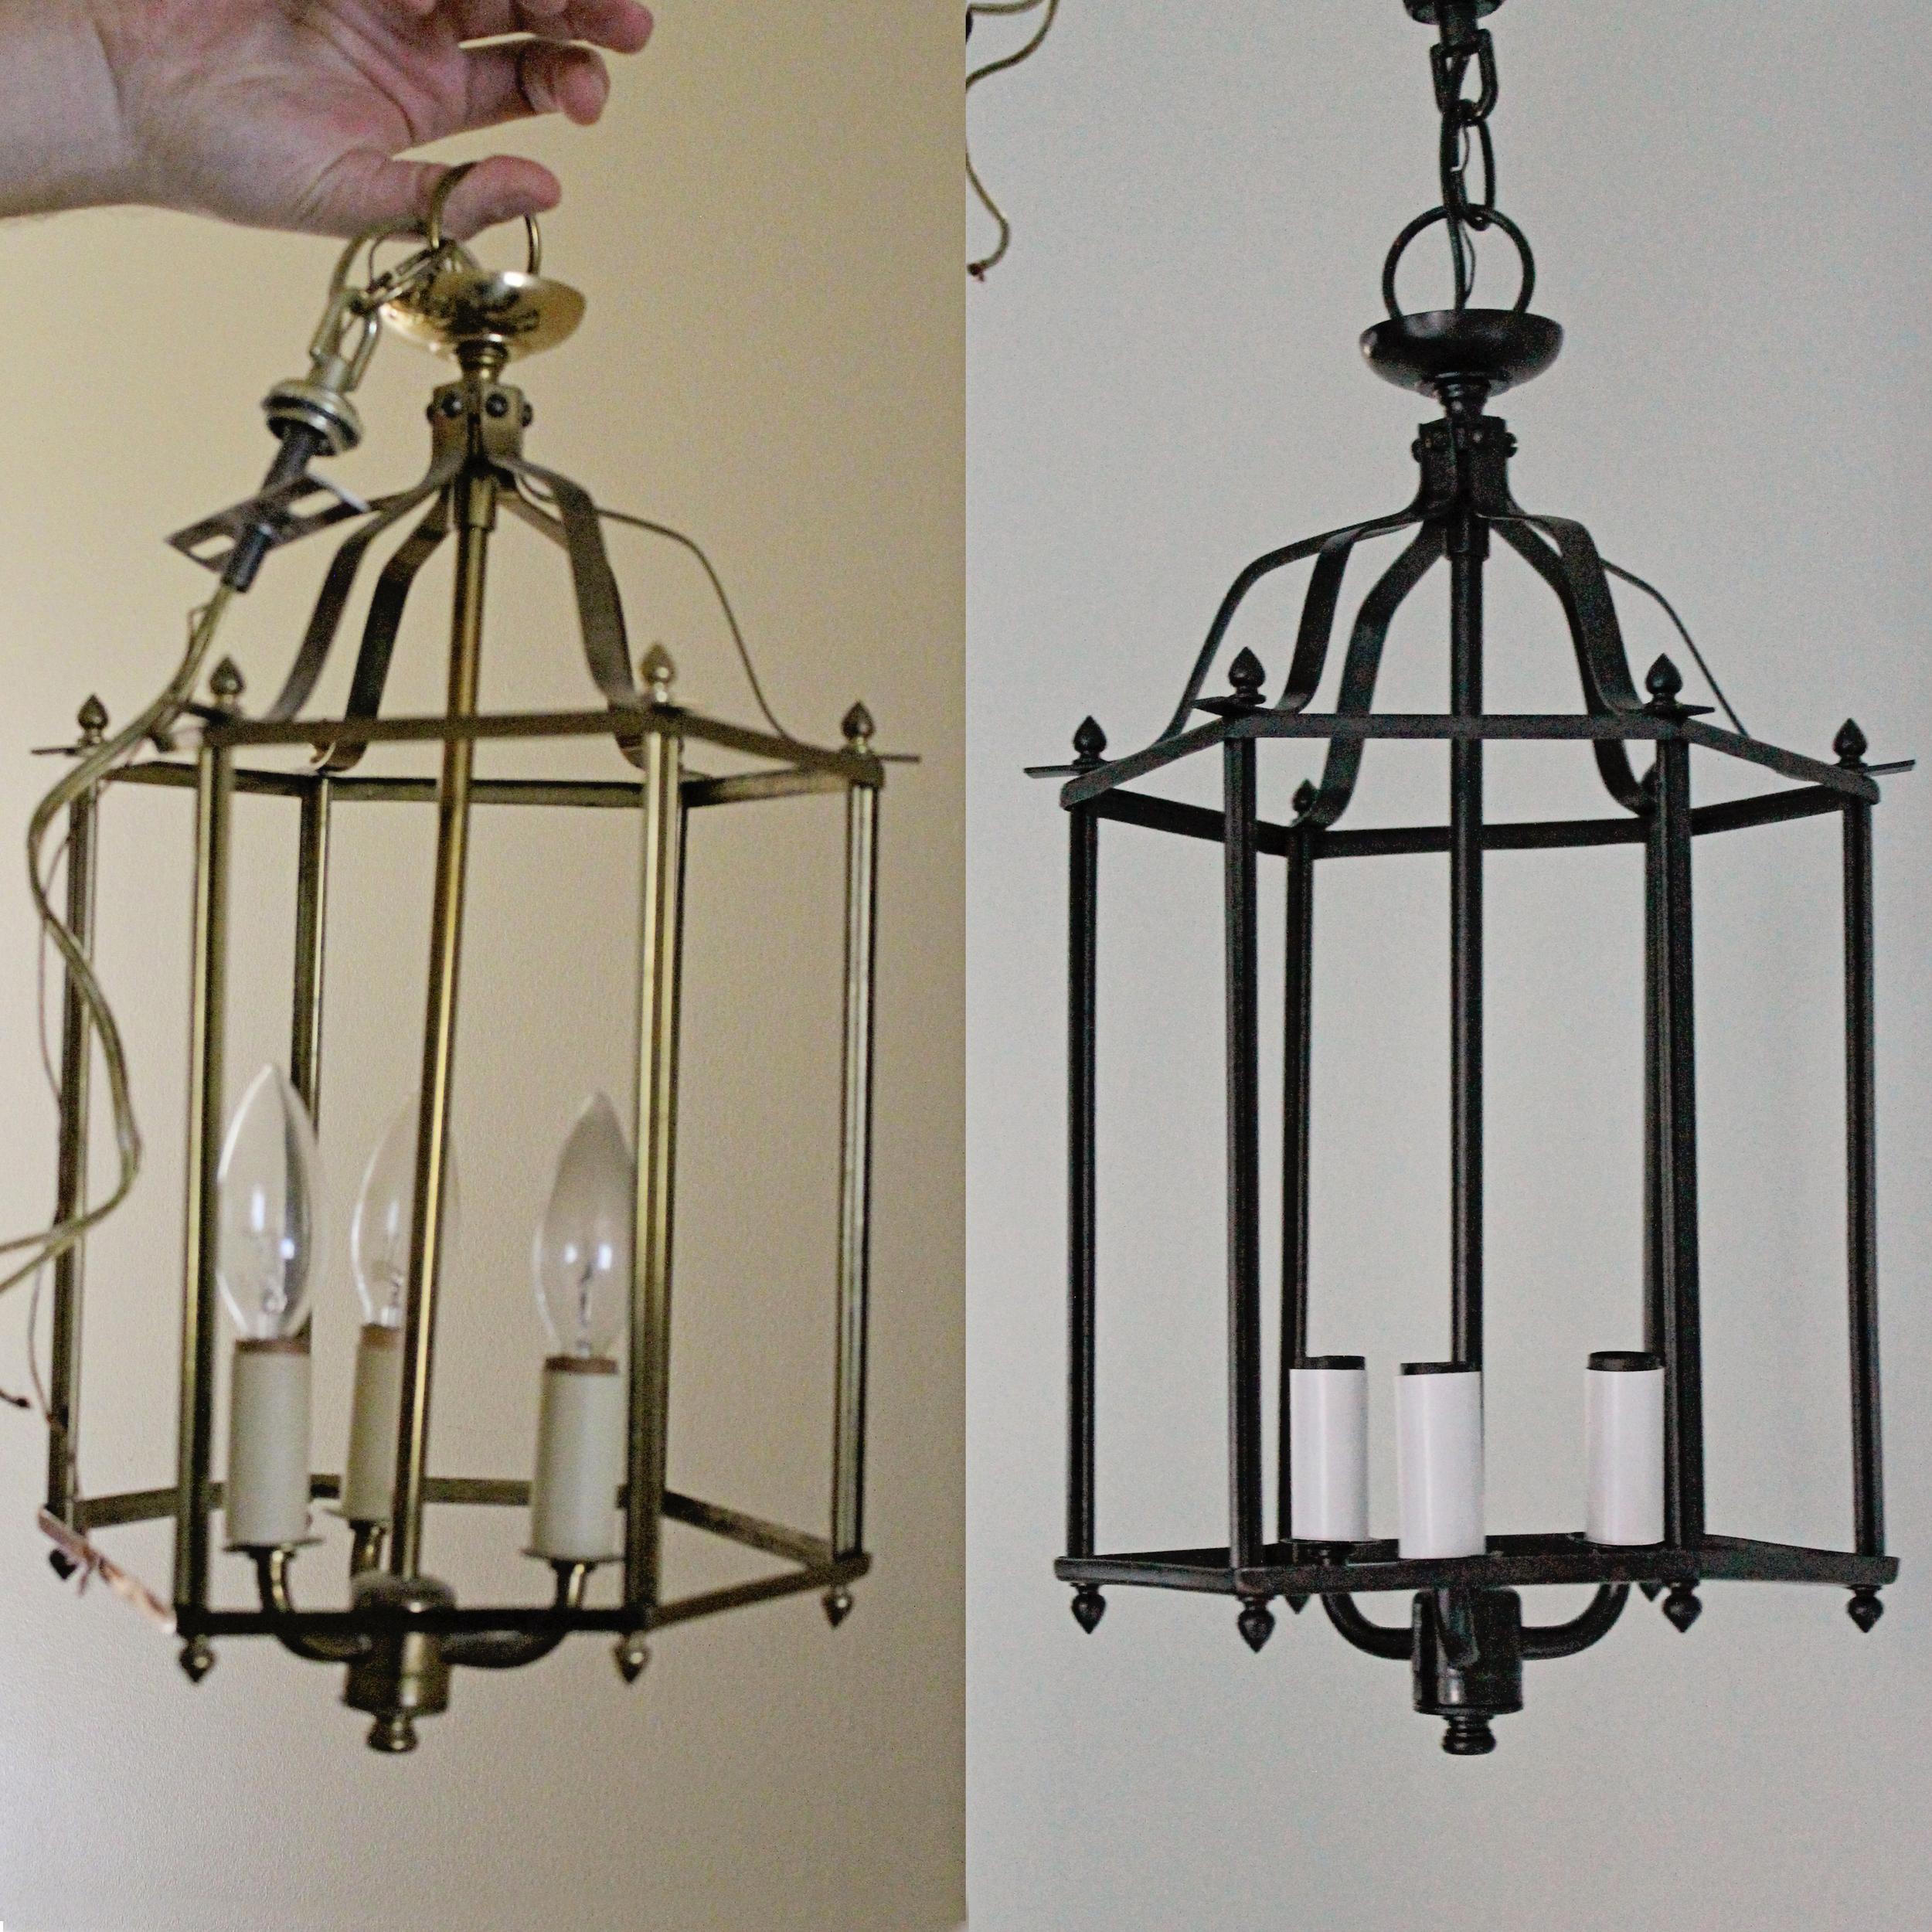 Elizabeth Burns Design - brass pendant chandelier makeover DIY